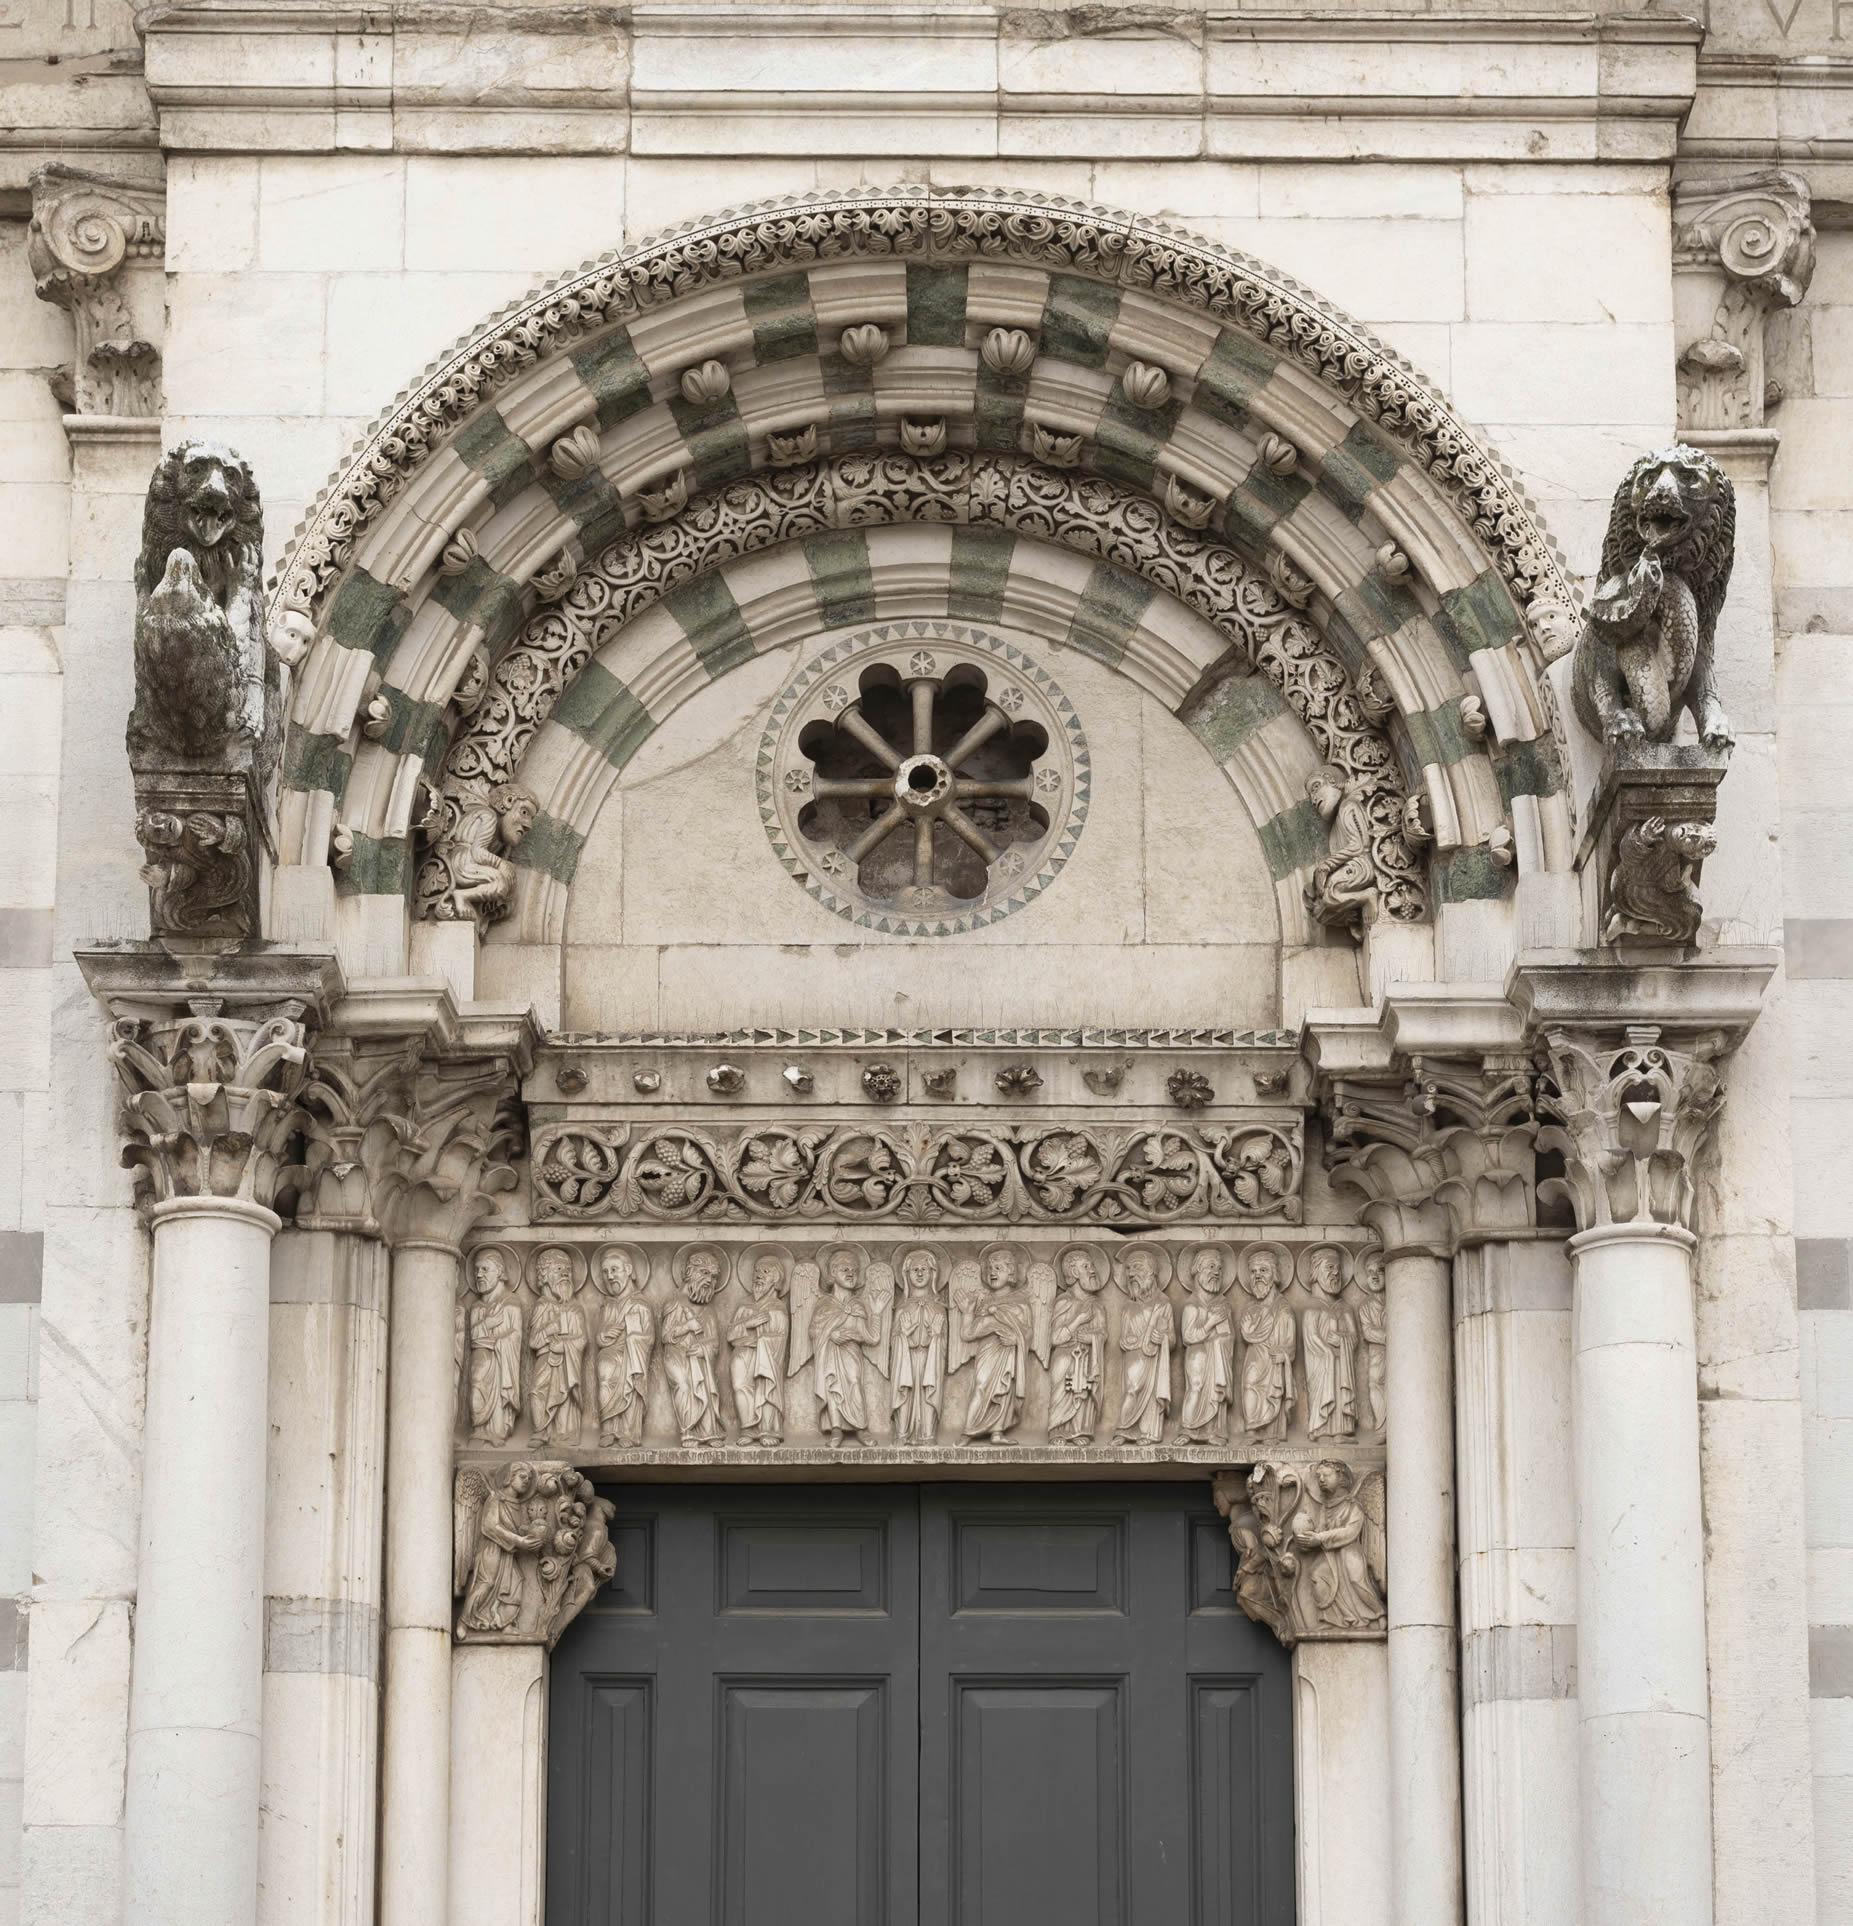 portale-romanico-front